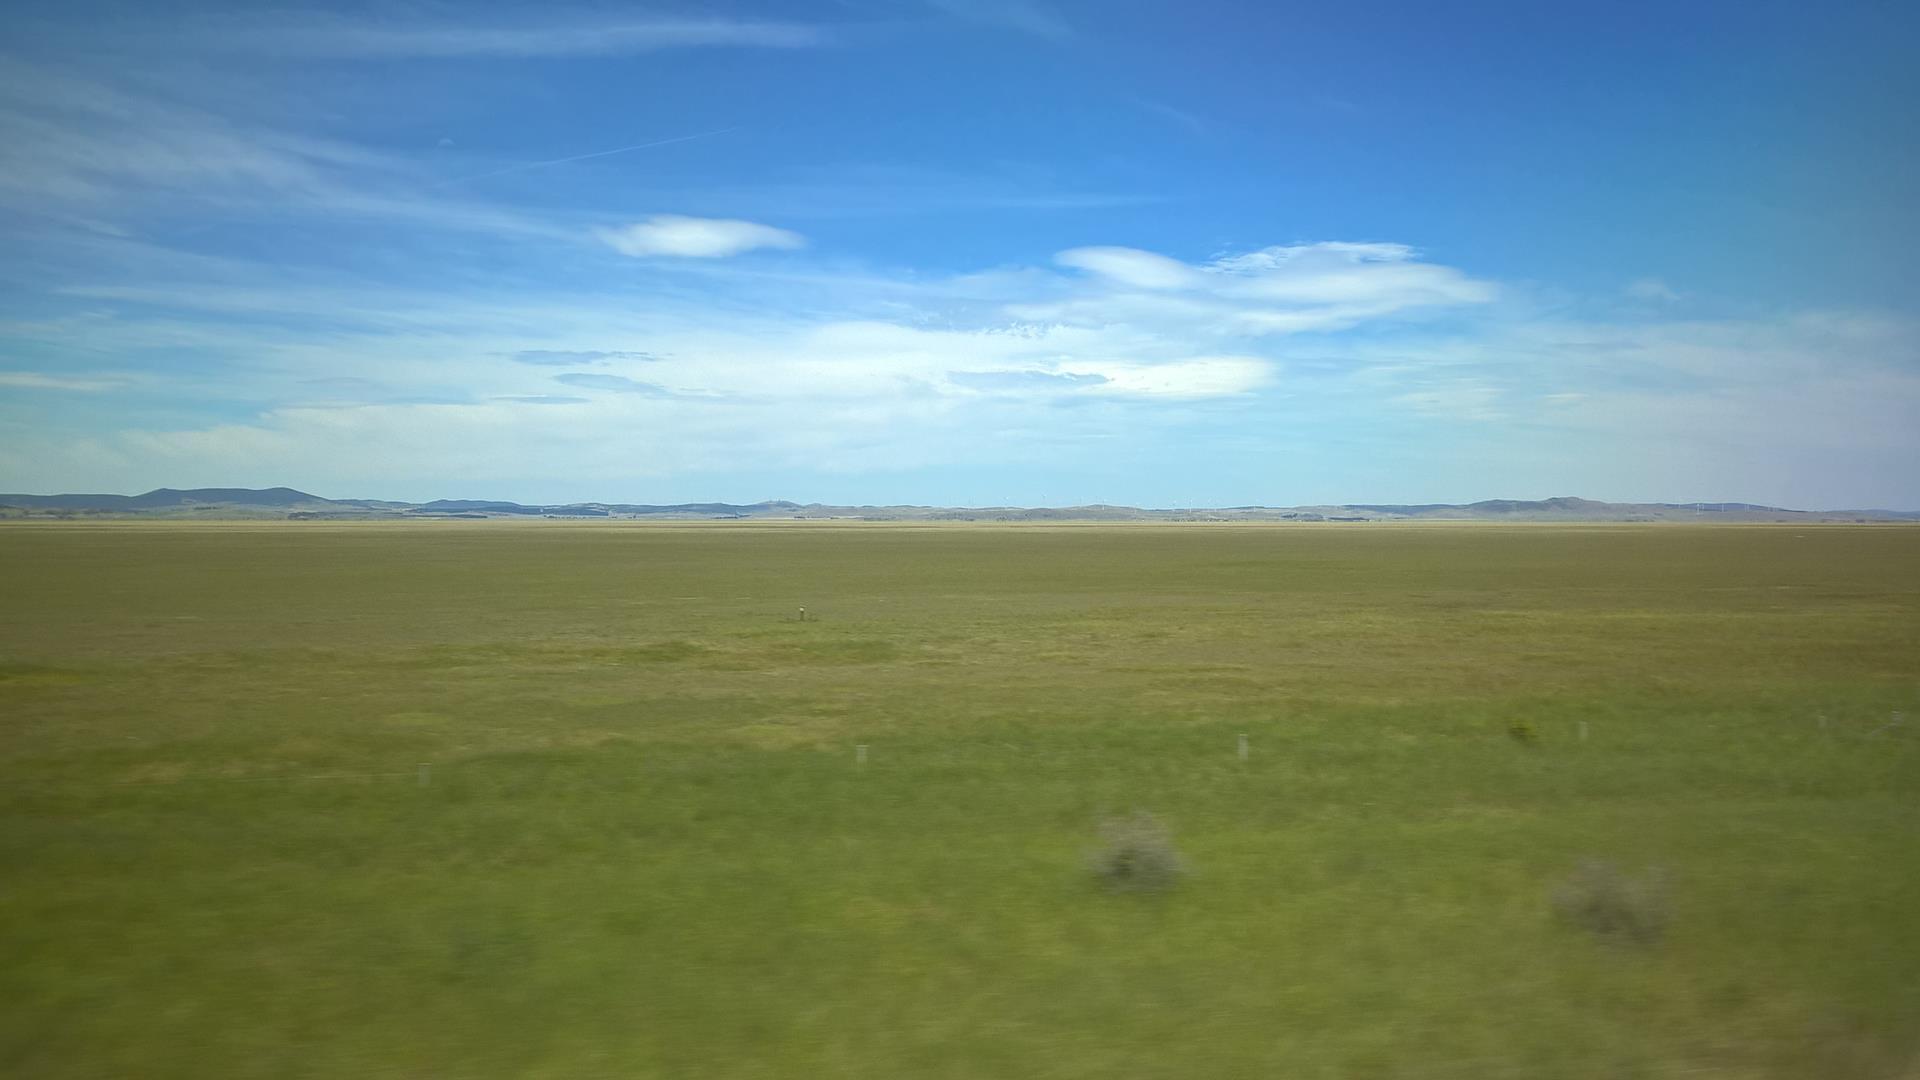 Auf dem Weg nach Canberra: Die Landschaft ist anders als ich erwartet hatte